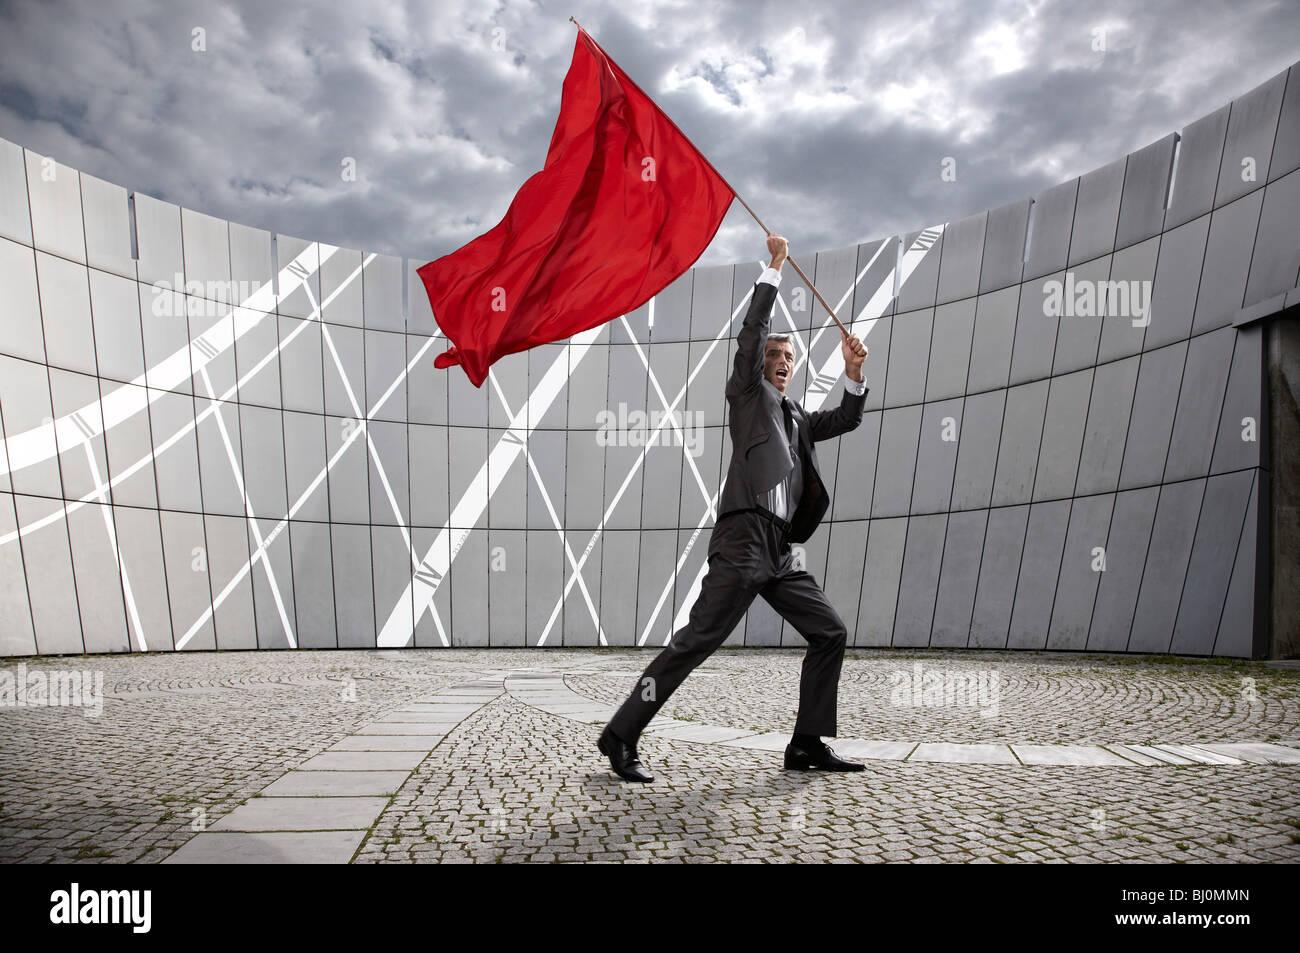 Geschäftsmann wehende rote Fahne Stockbild